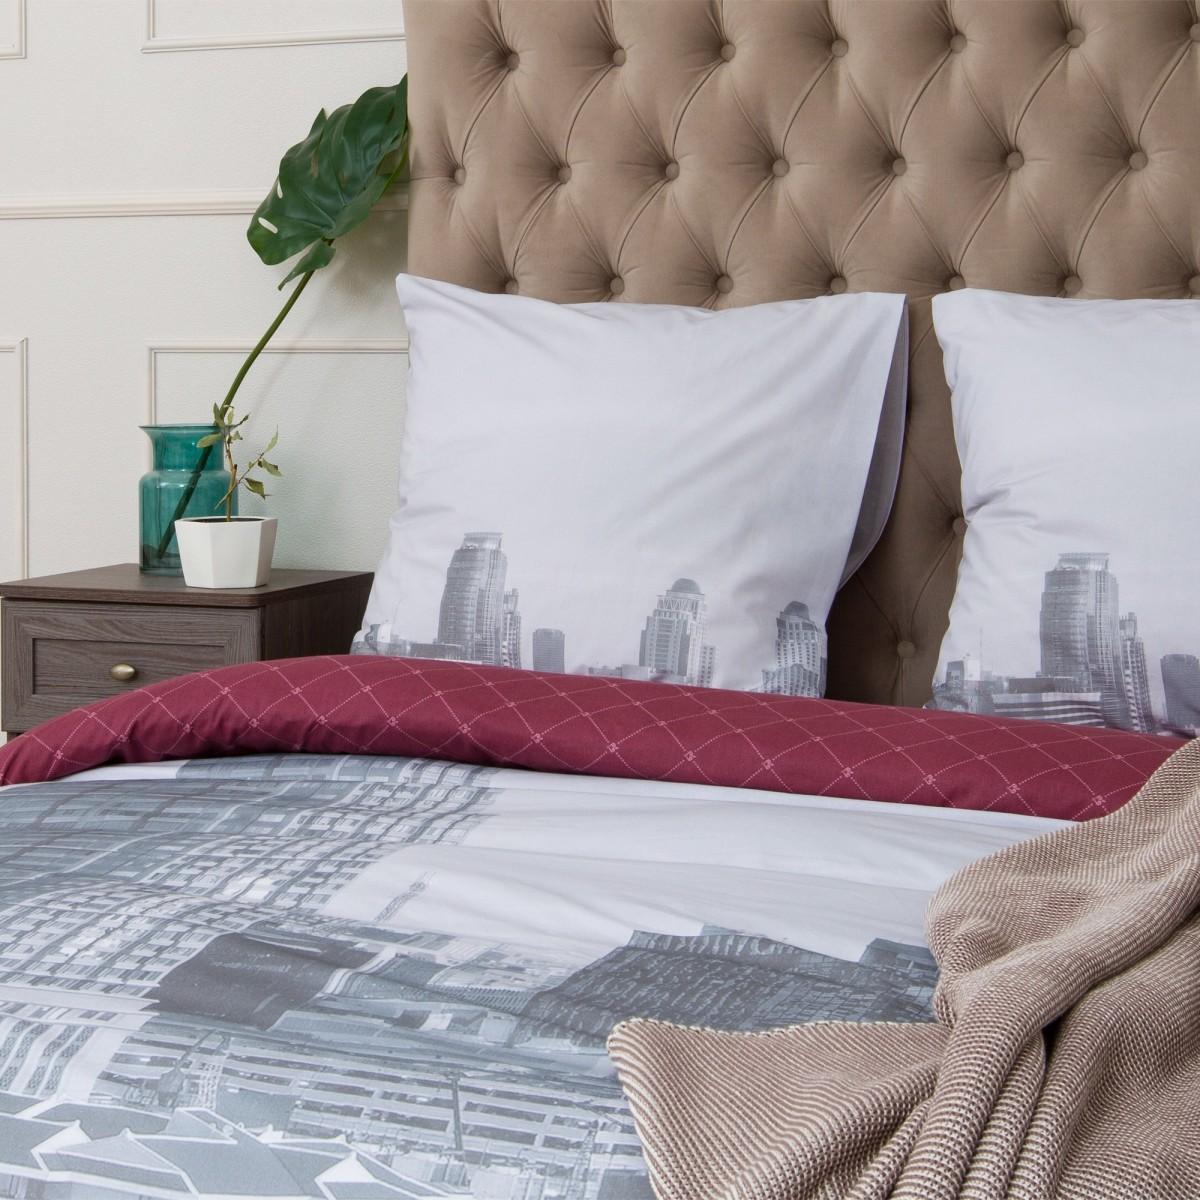 Комплект Постельного Белья Old City Двуспальный Ранфорс 70x70